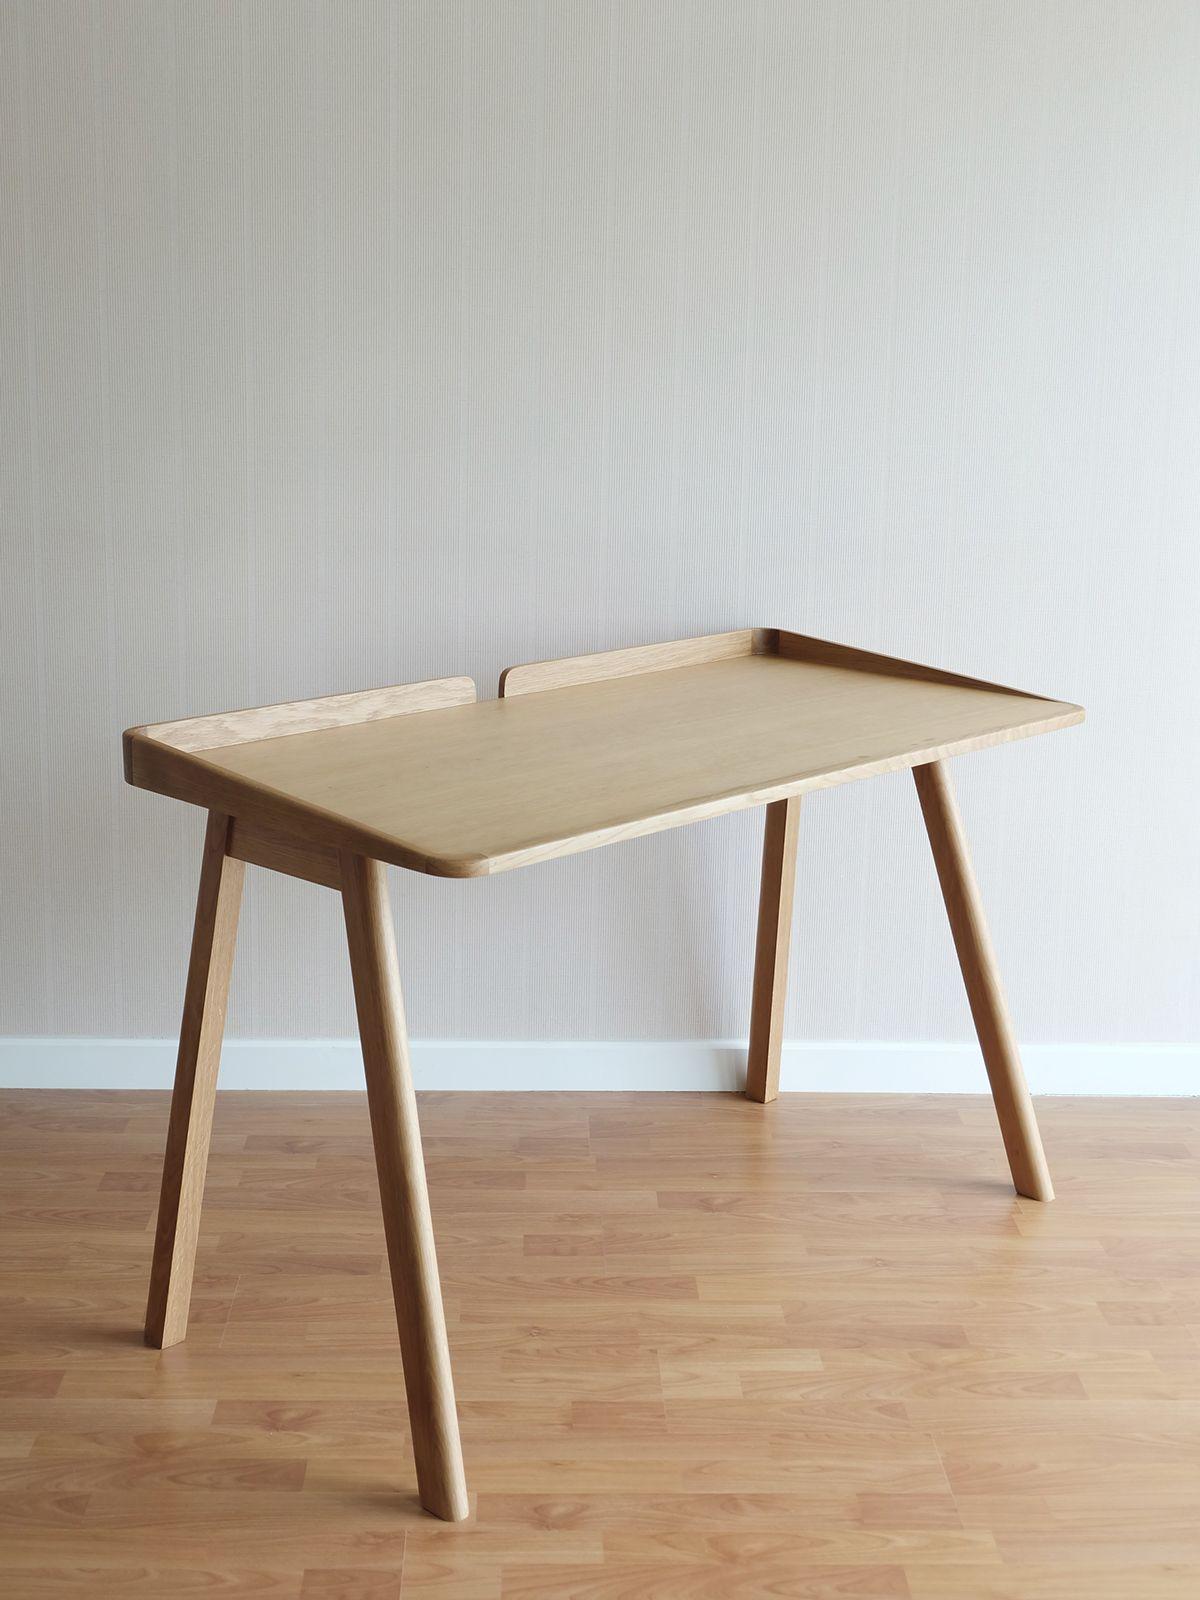 chair design bangkok ergonomic task robin desk pinterest 책상 가구 및 테이블